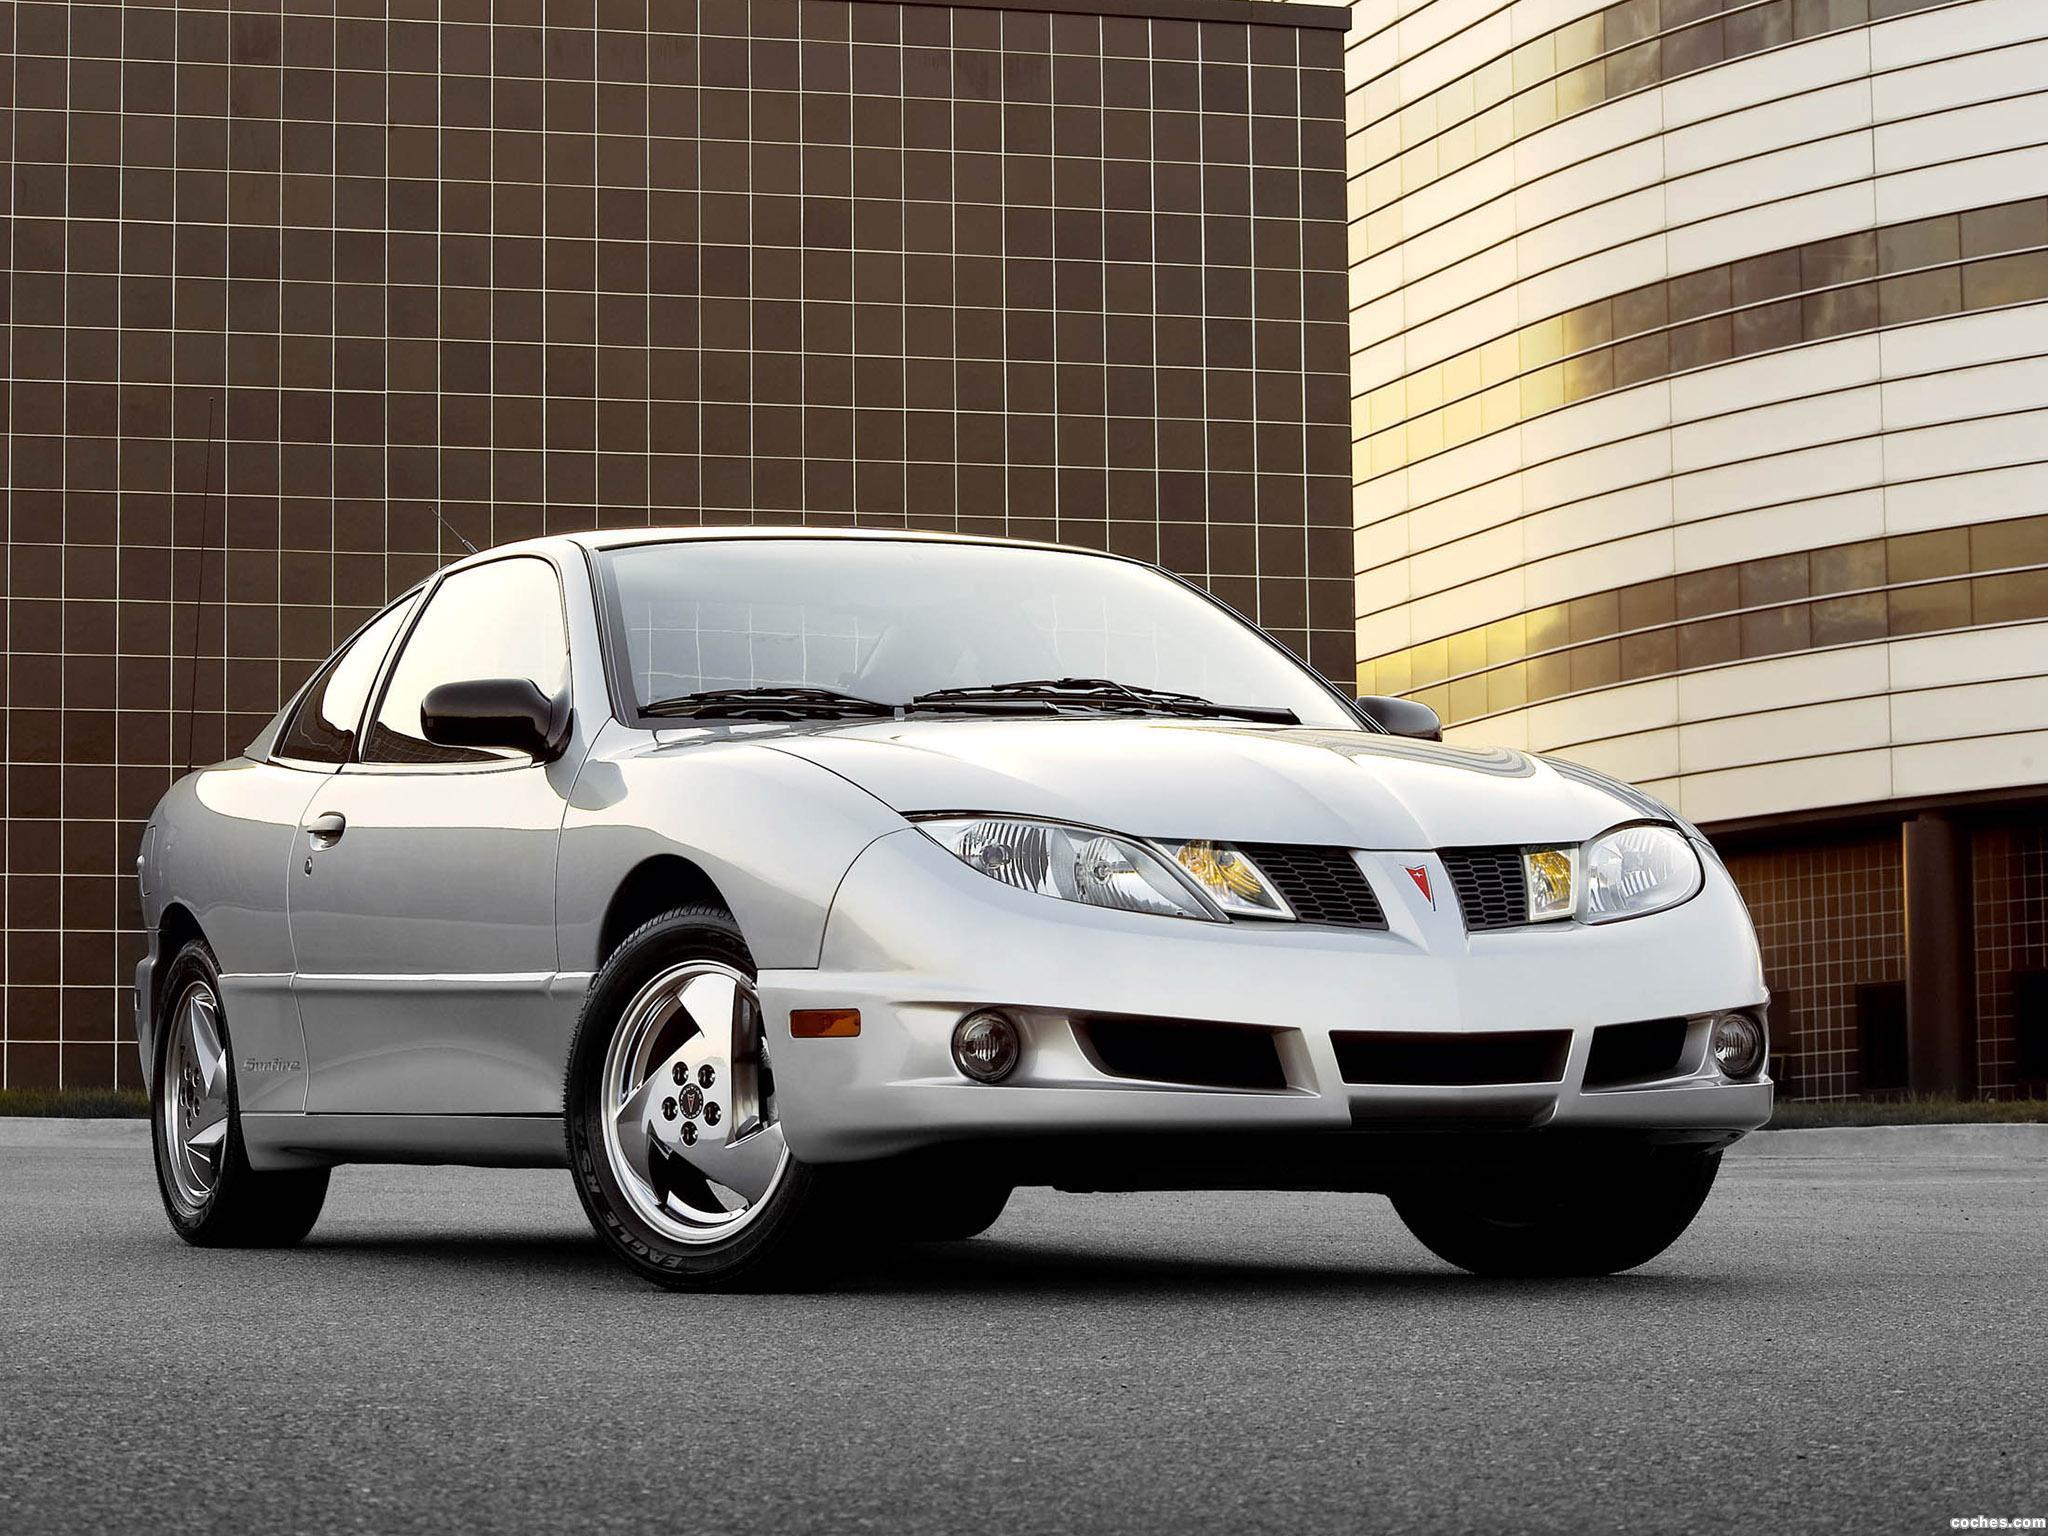 Foto 0 de Pontiac Sunfire Coupe 2003